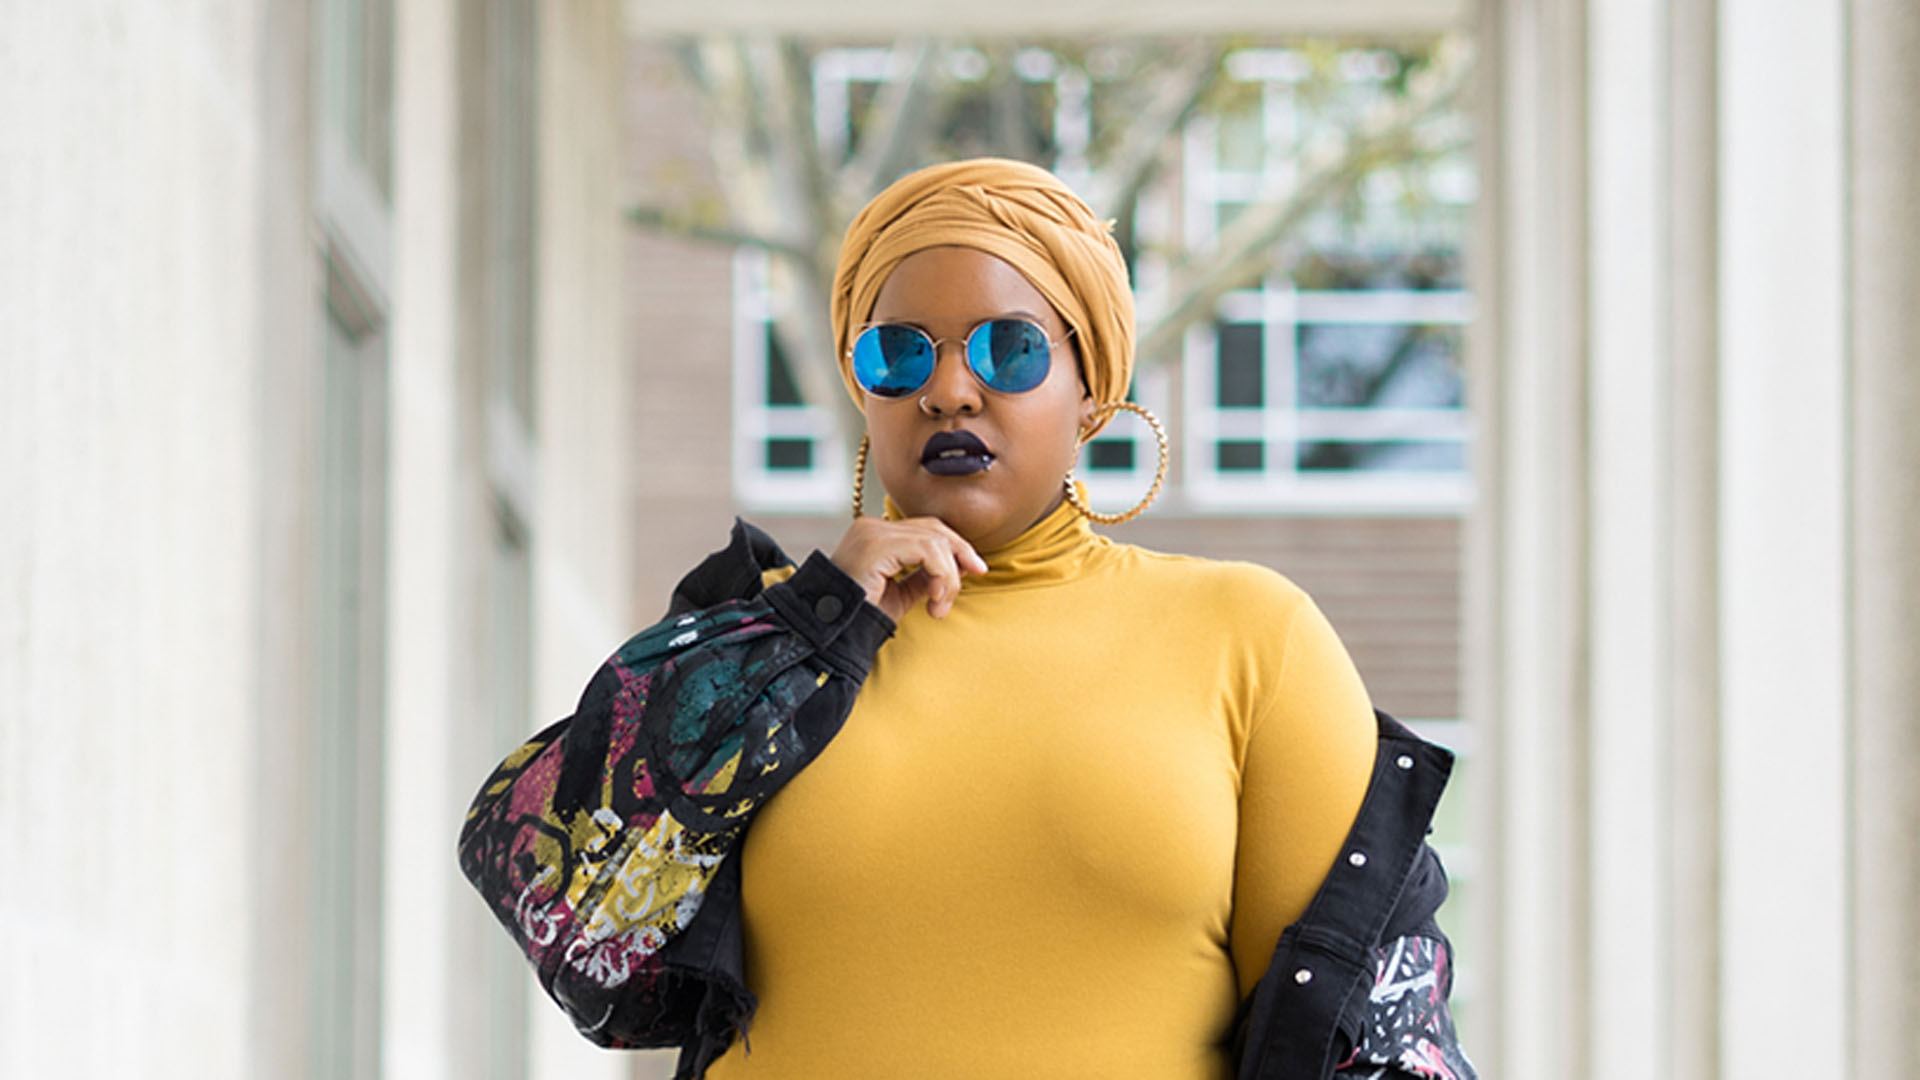 Mode sagt etwas über Zugehörigkeit und Identität aus